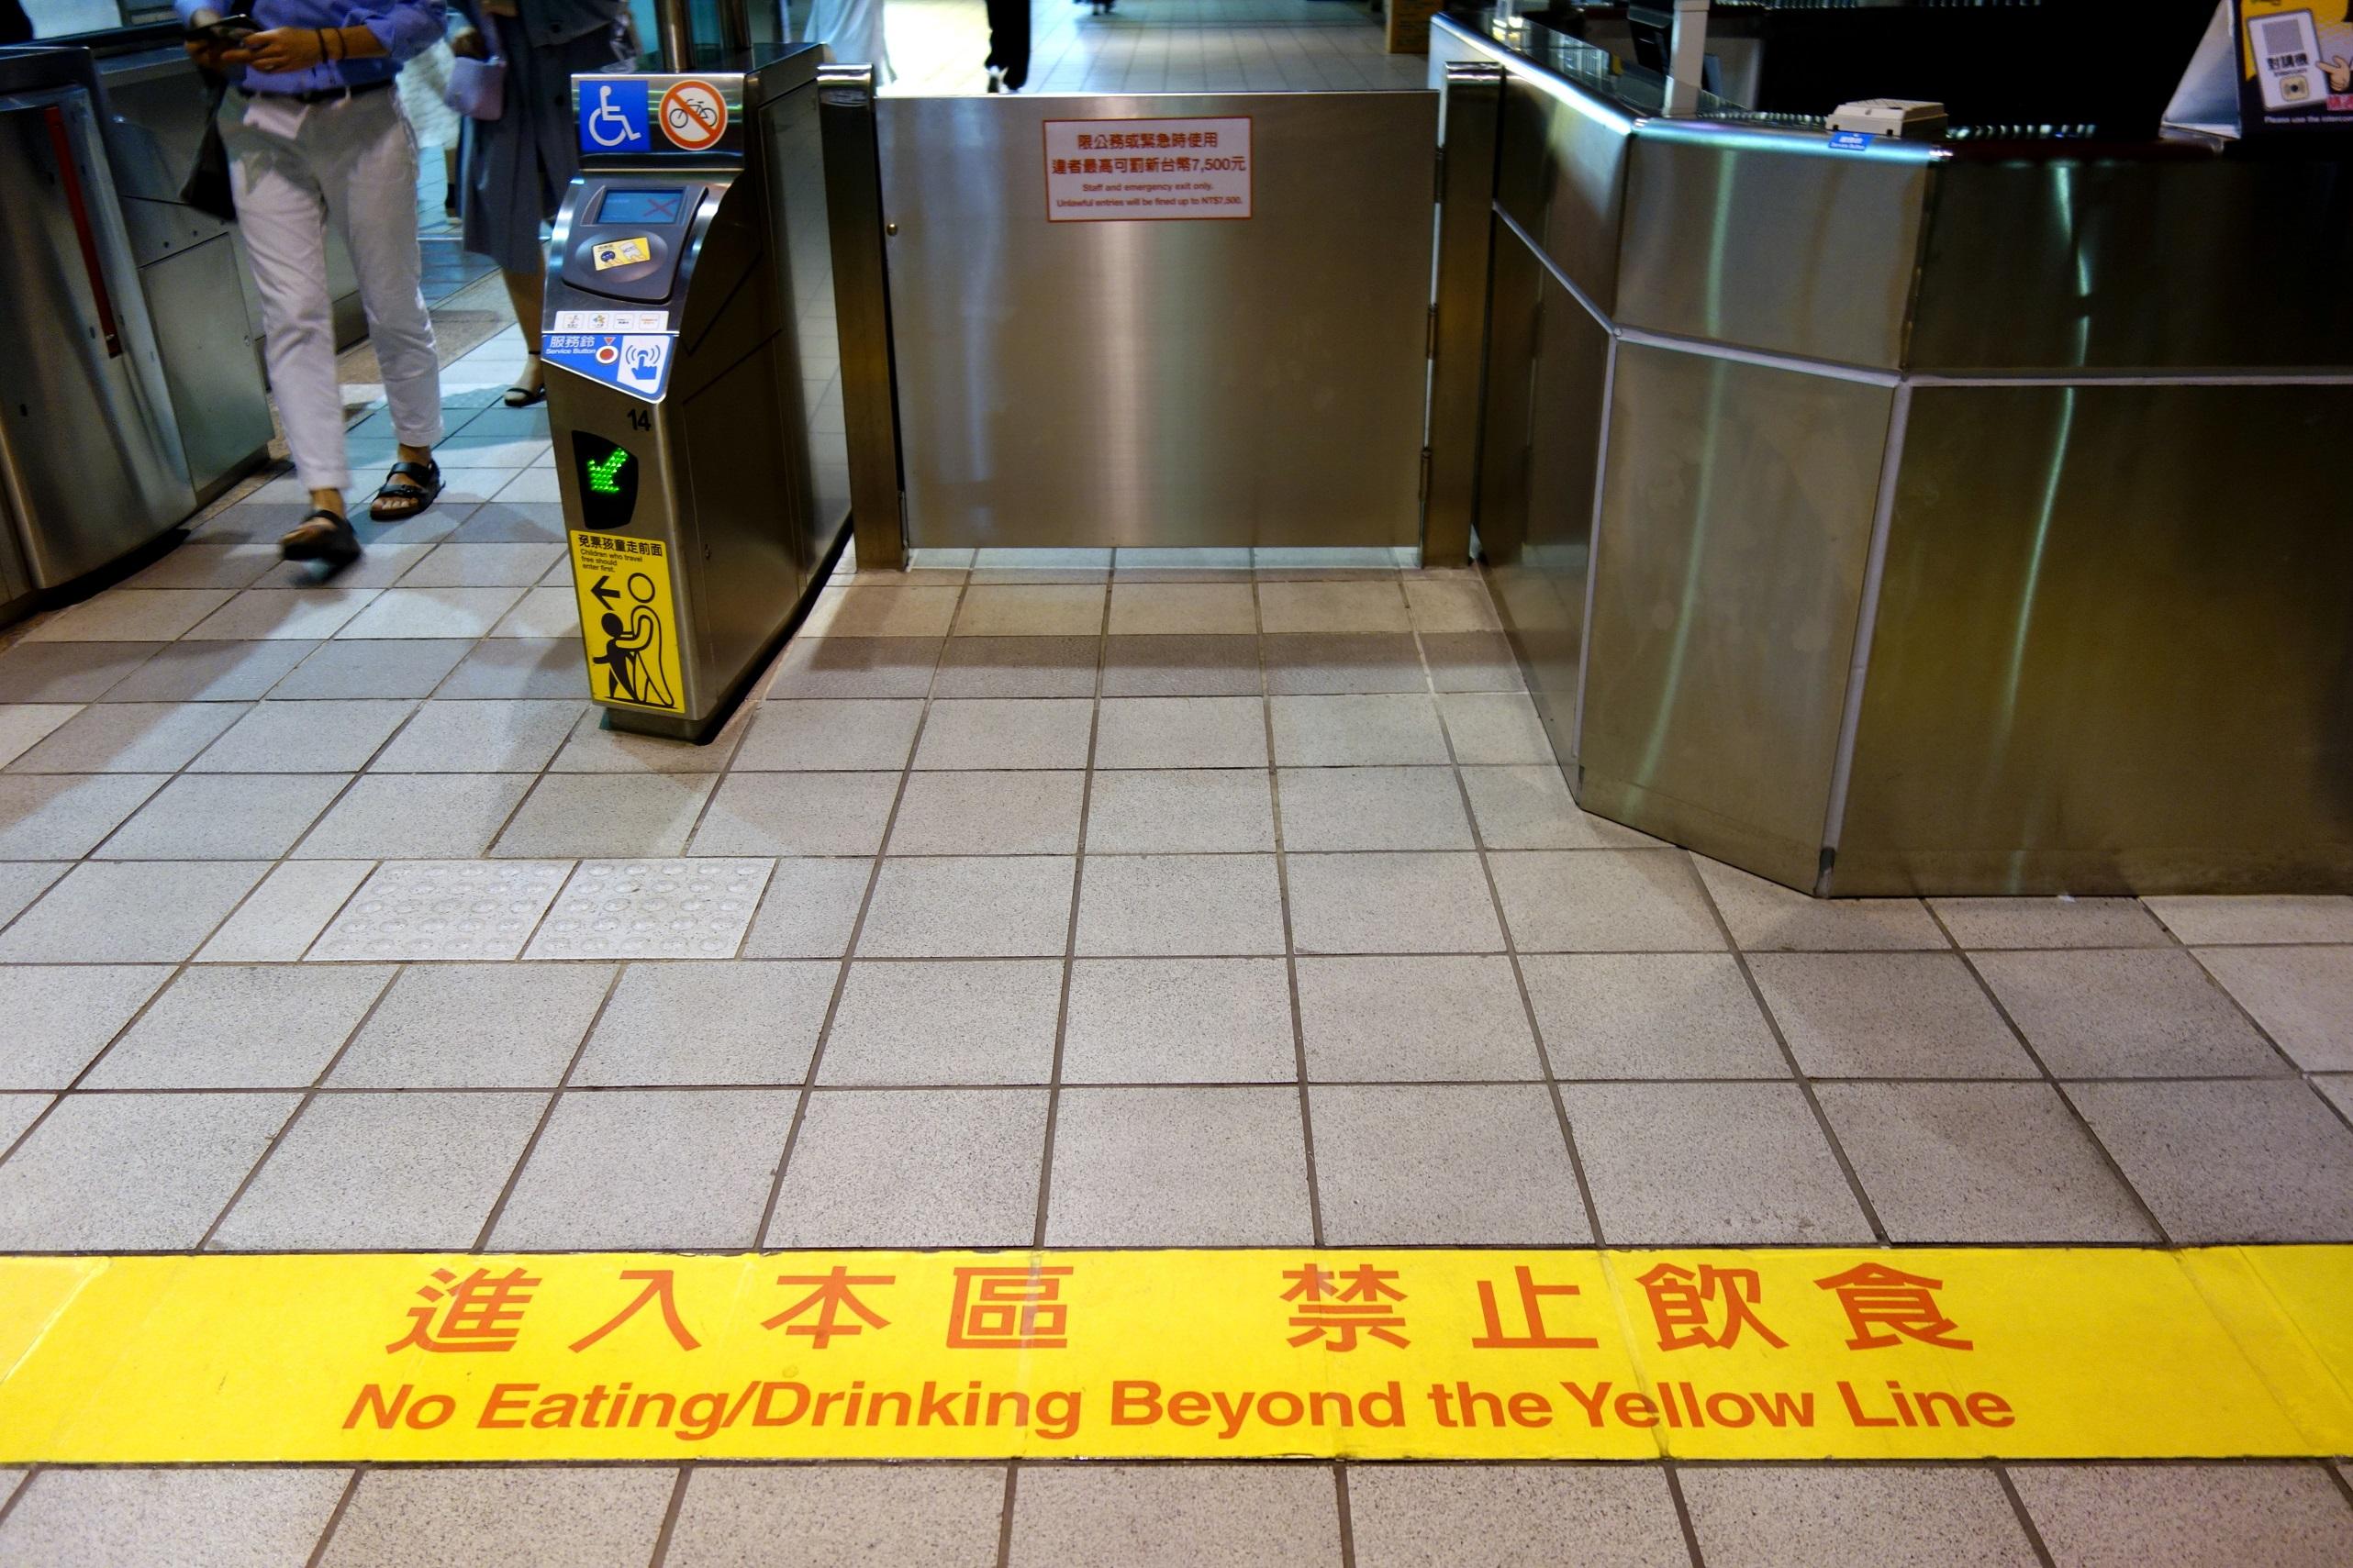 Za tą linią nie można jeść ani pić w metrze - Tajwan